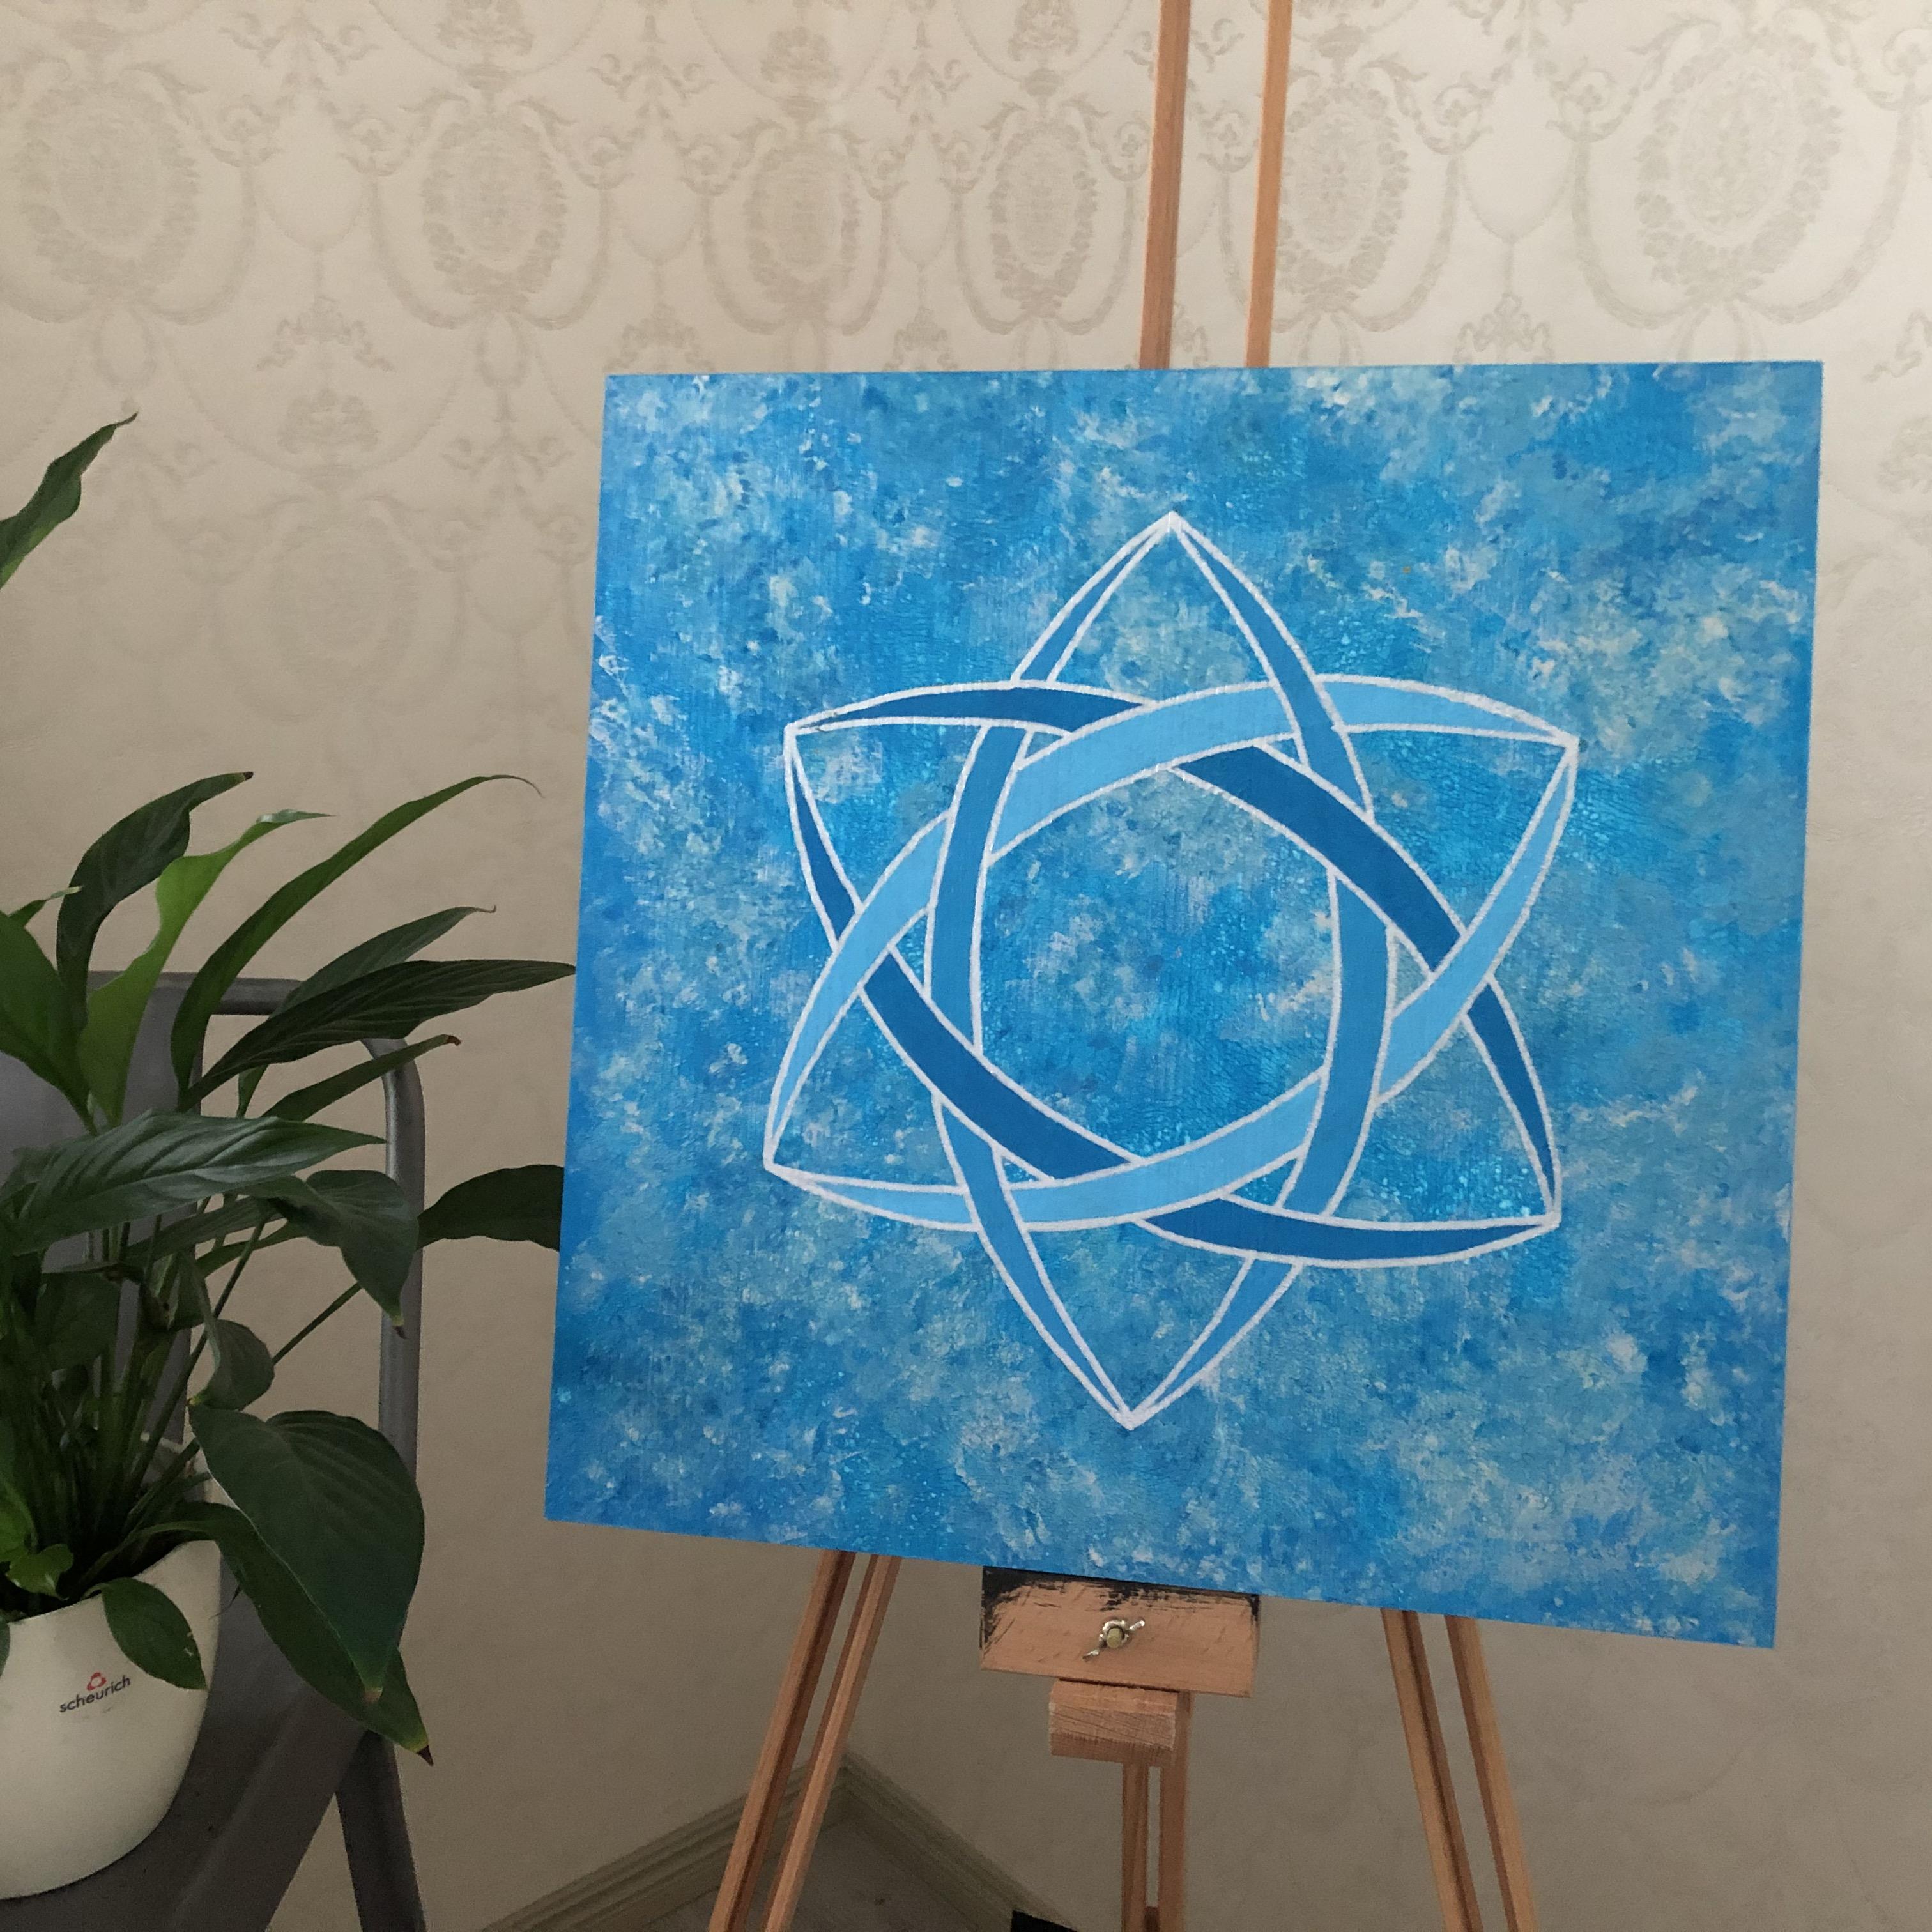 Pyhät geometriset taulut: Alku